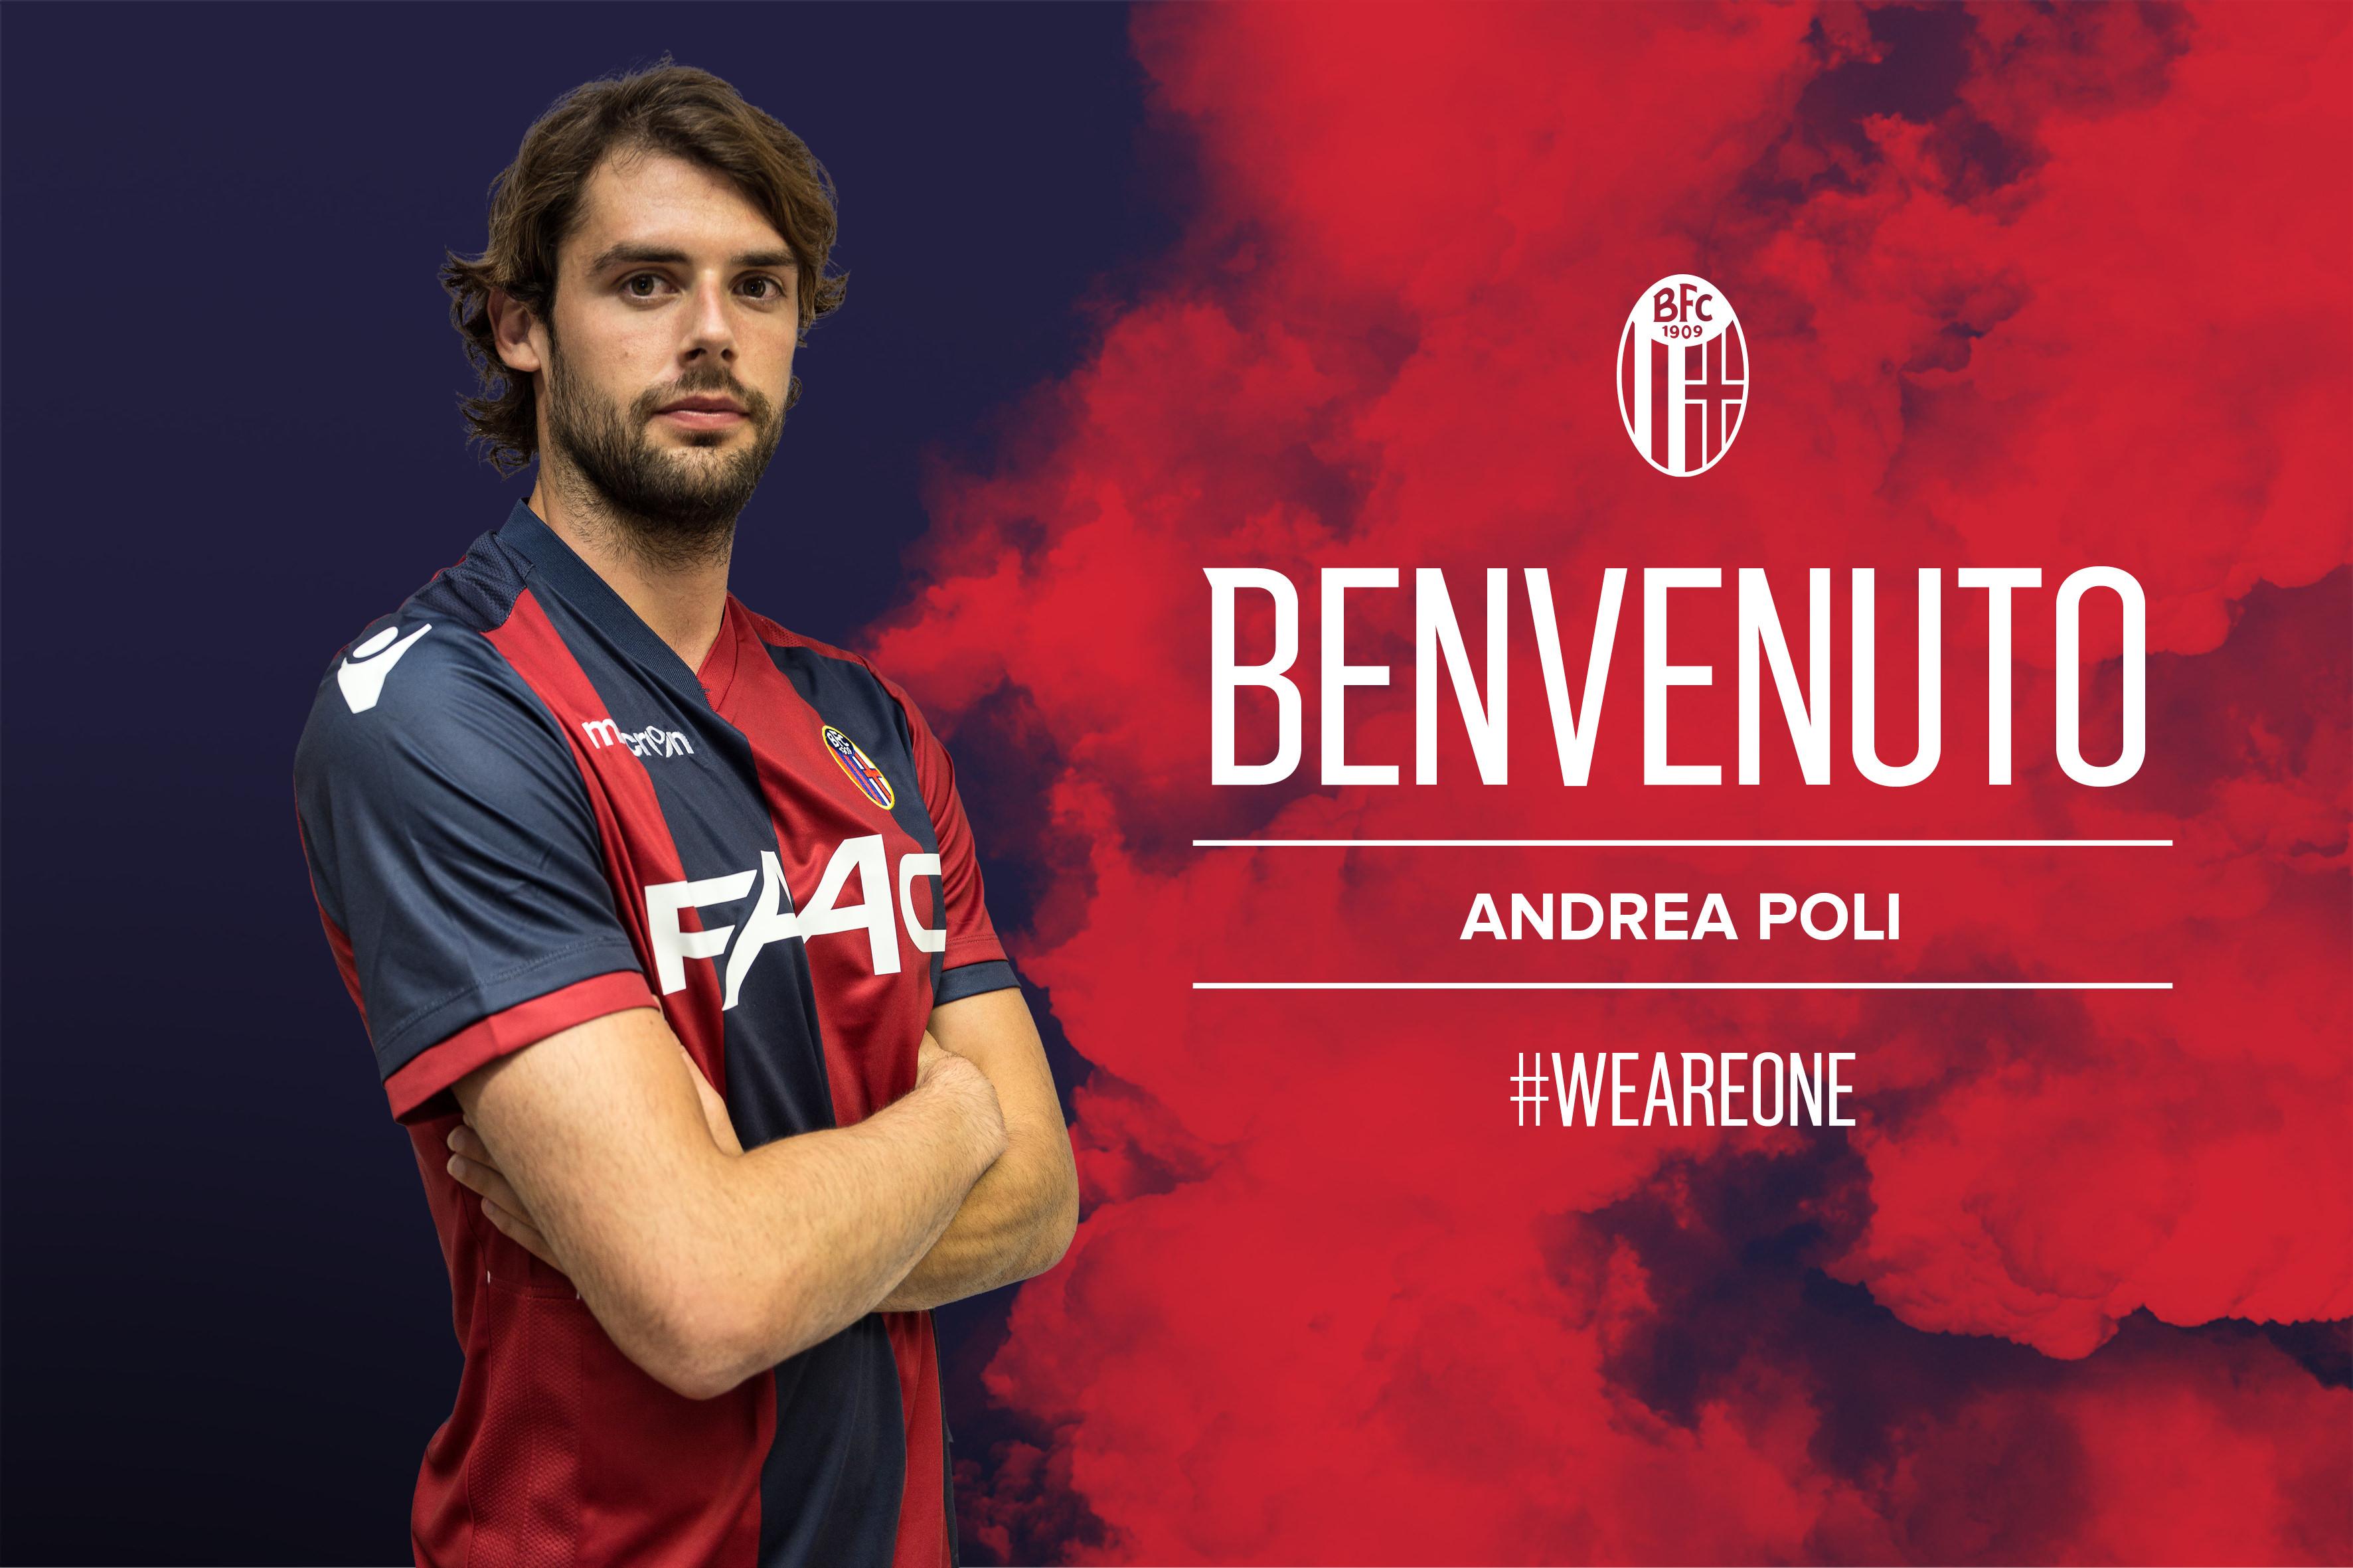 Andrea Poli アンドレア・ポーリ